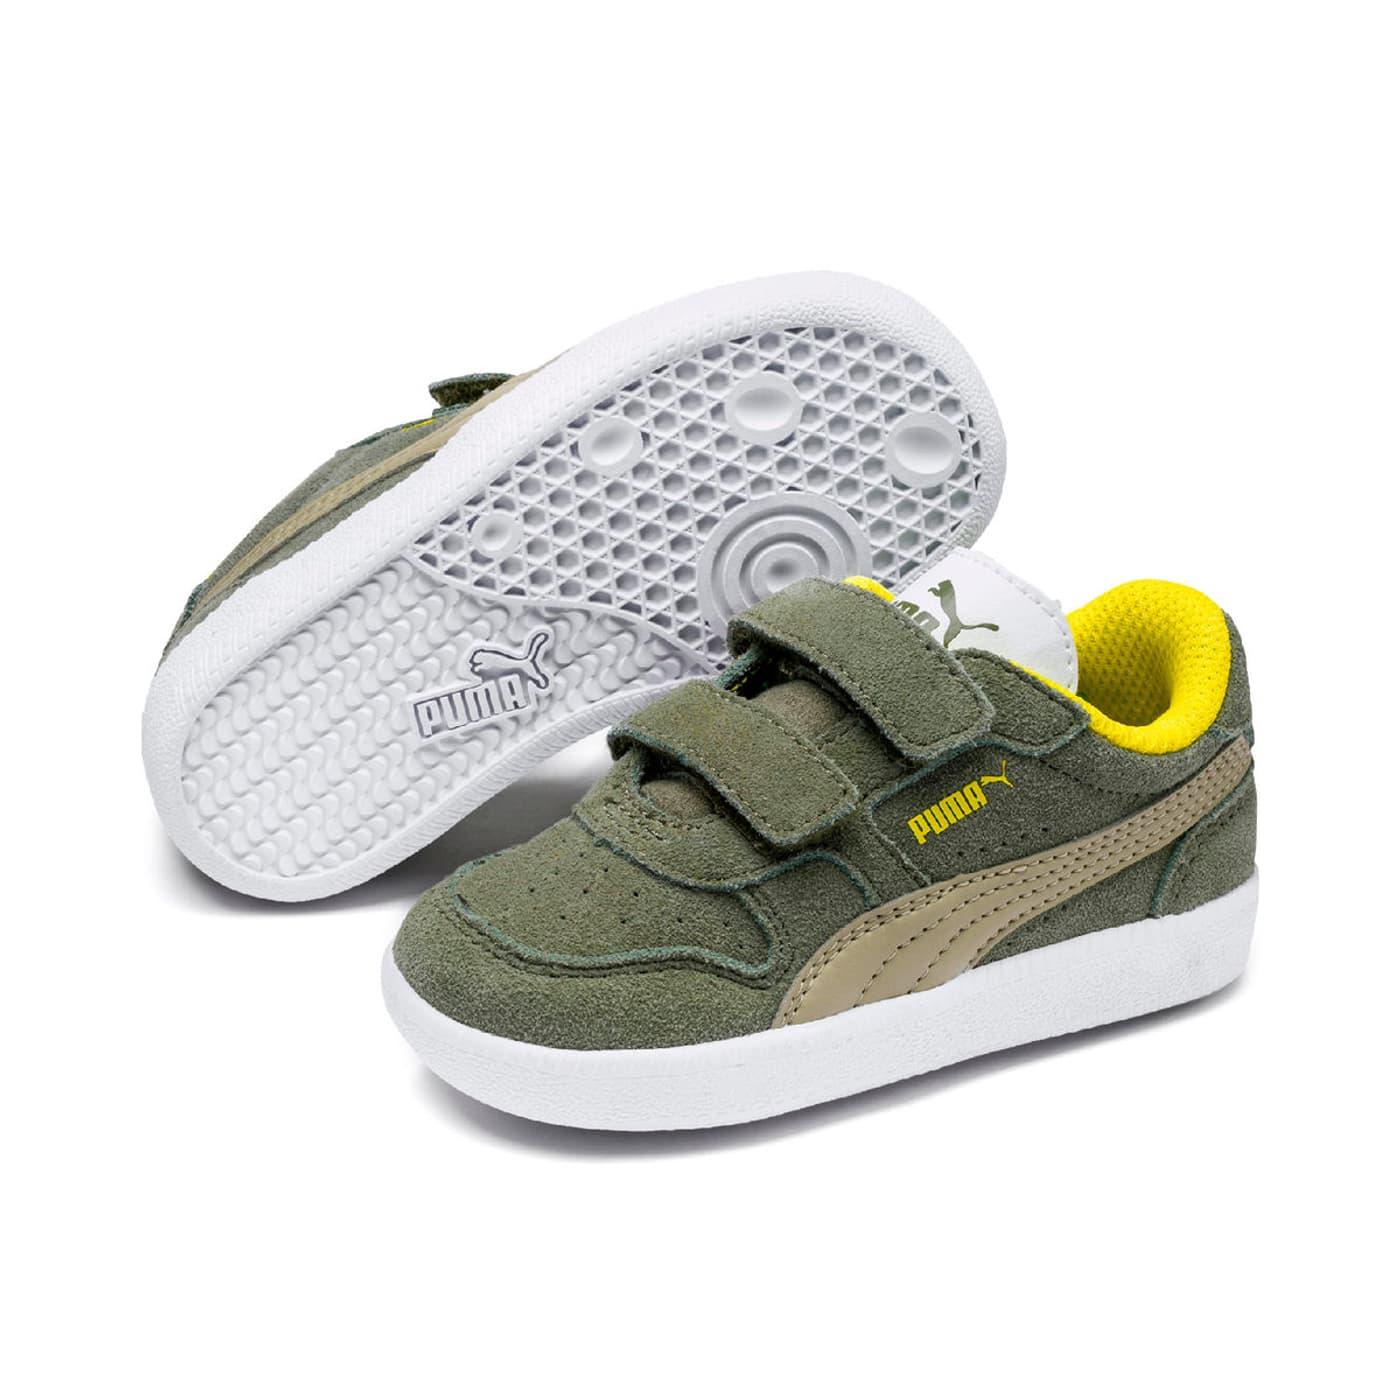 954c55d592dab Puma Chaussure pour enfant ...